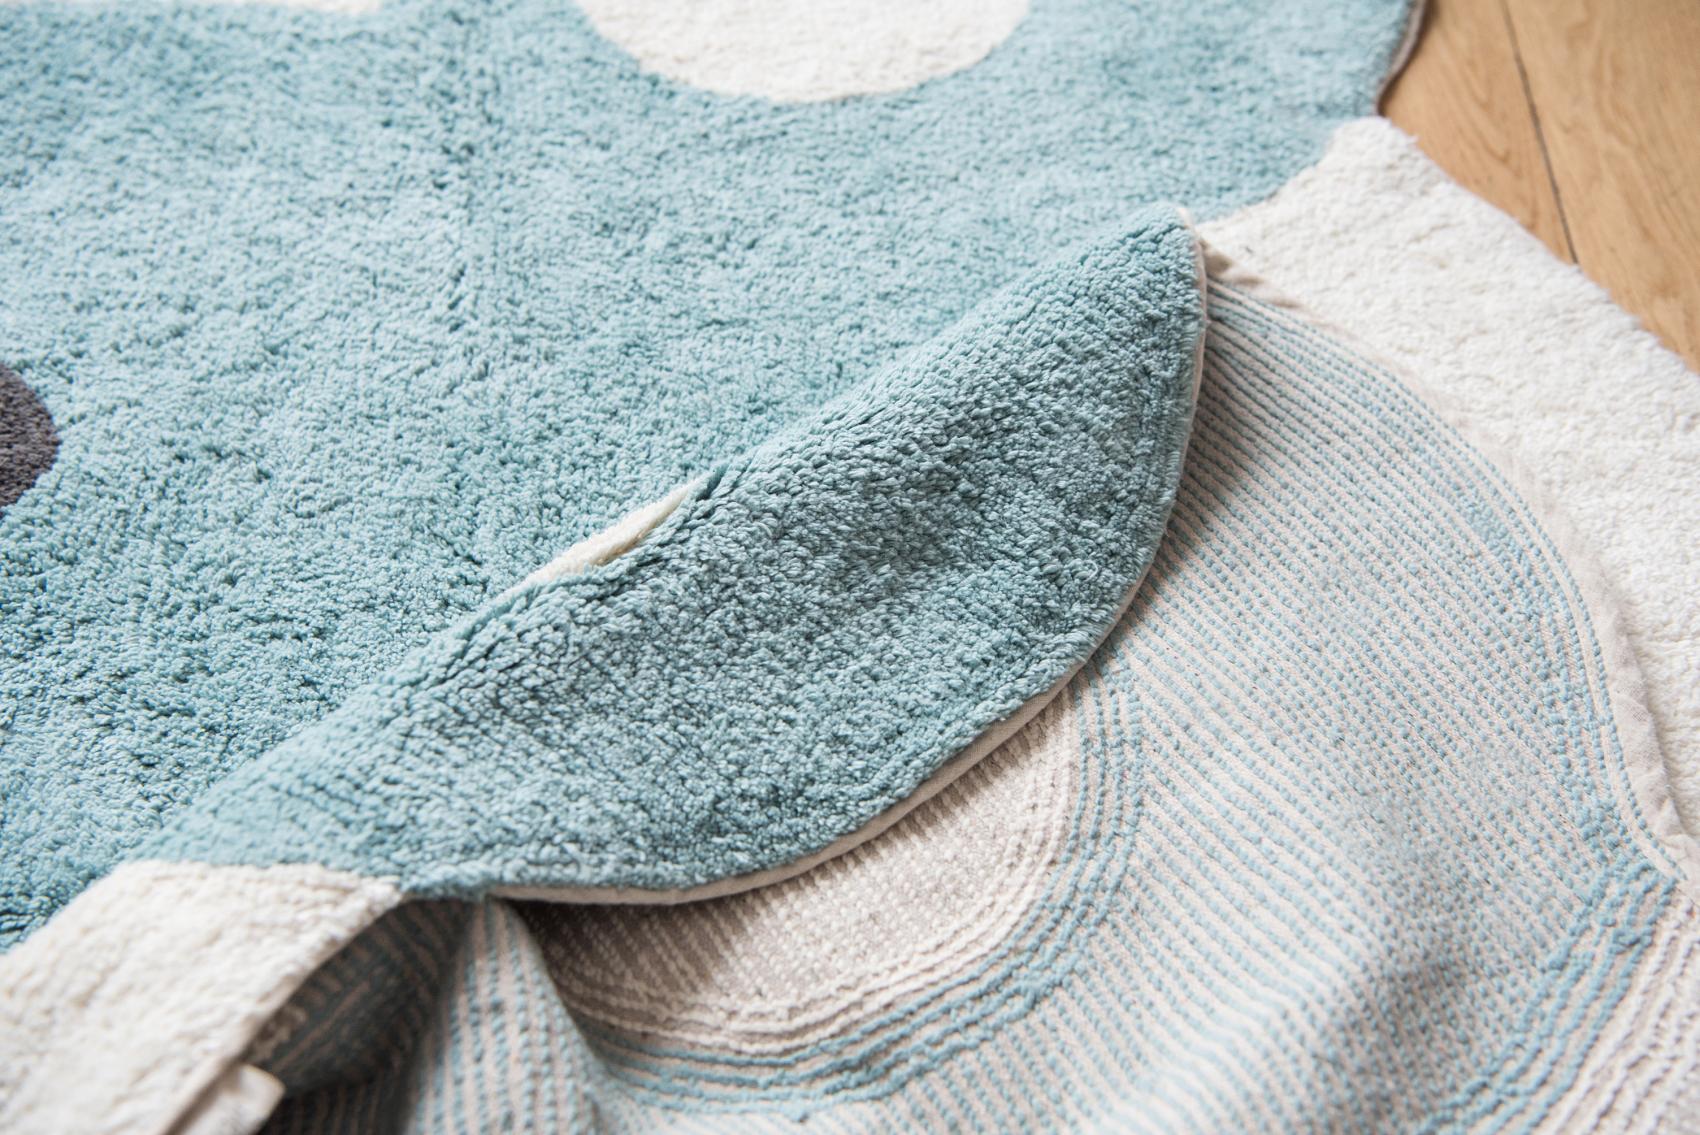 Full Size of Minividuals Waschbarer Teppich Br Creme Softpetrol Steinteppich Bad Badezimmer Schlafzimmer Wohnzimmer Teppiche Küche Für Esstisch Wohnzimmer Teppich Waschbar